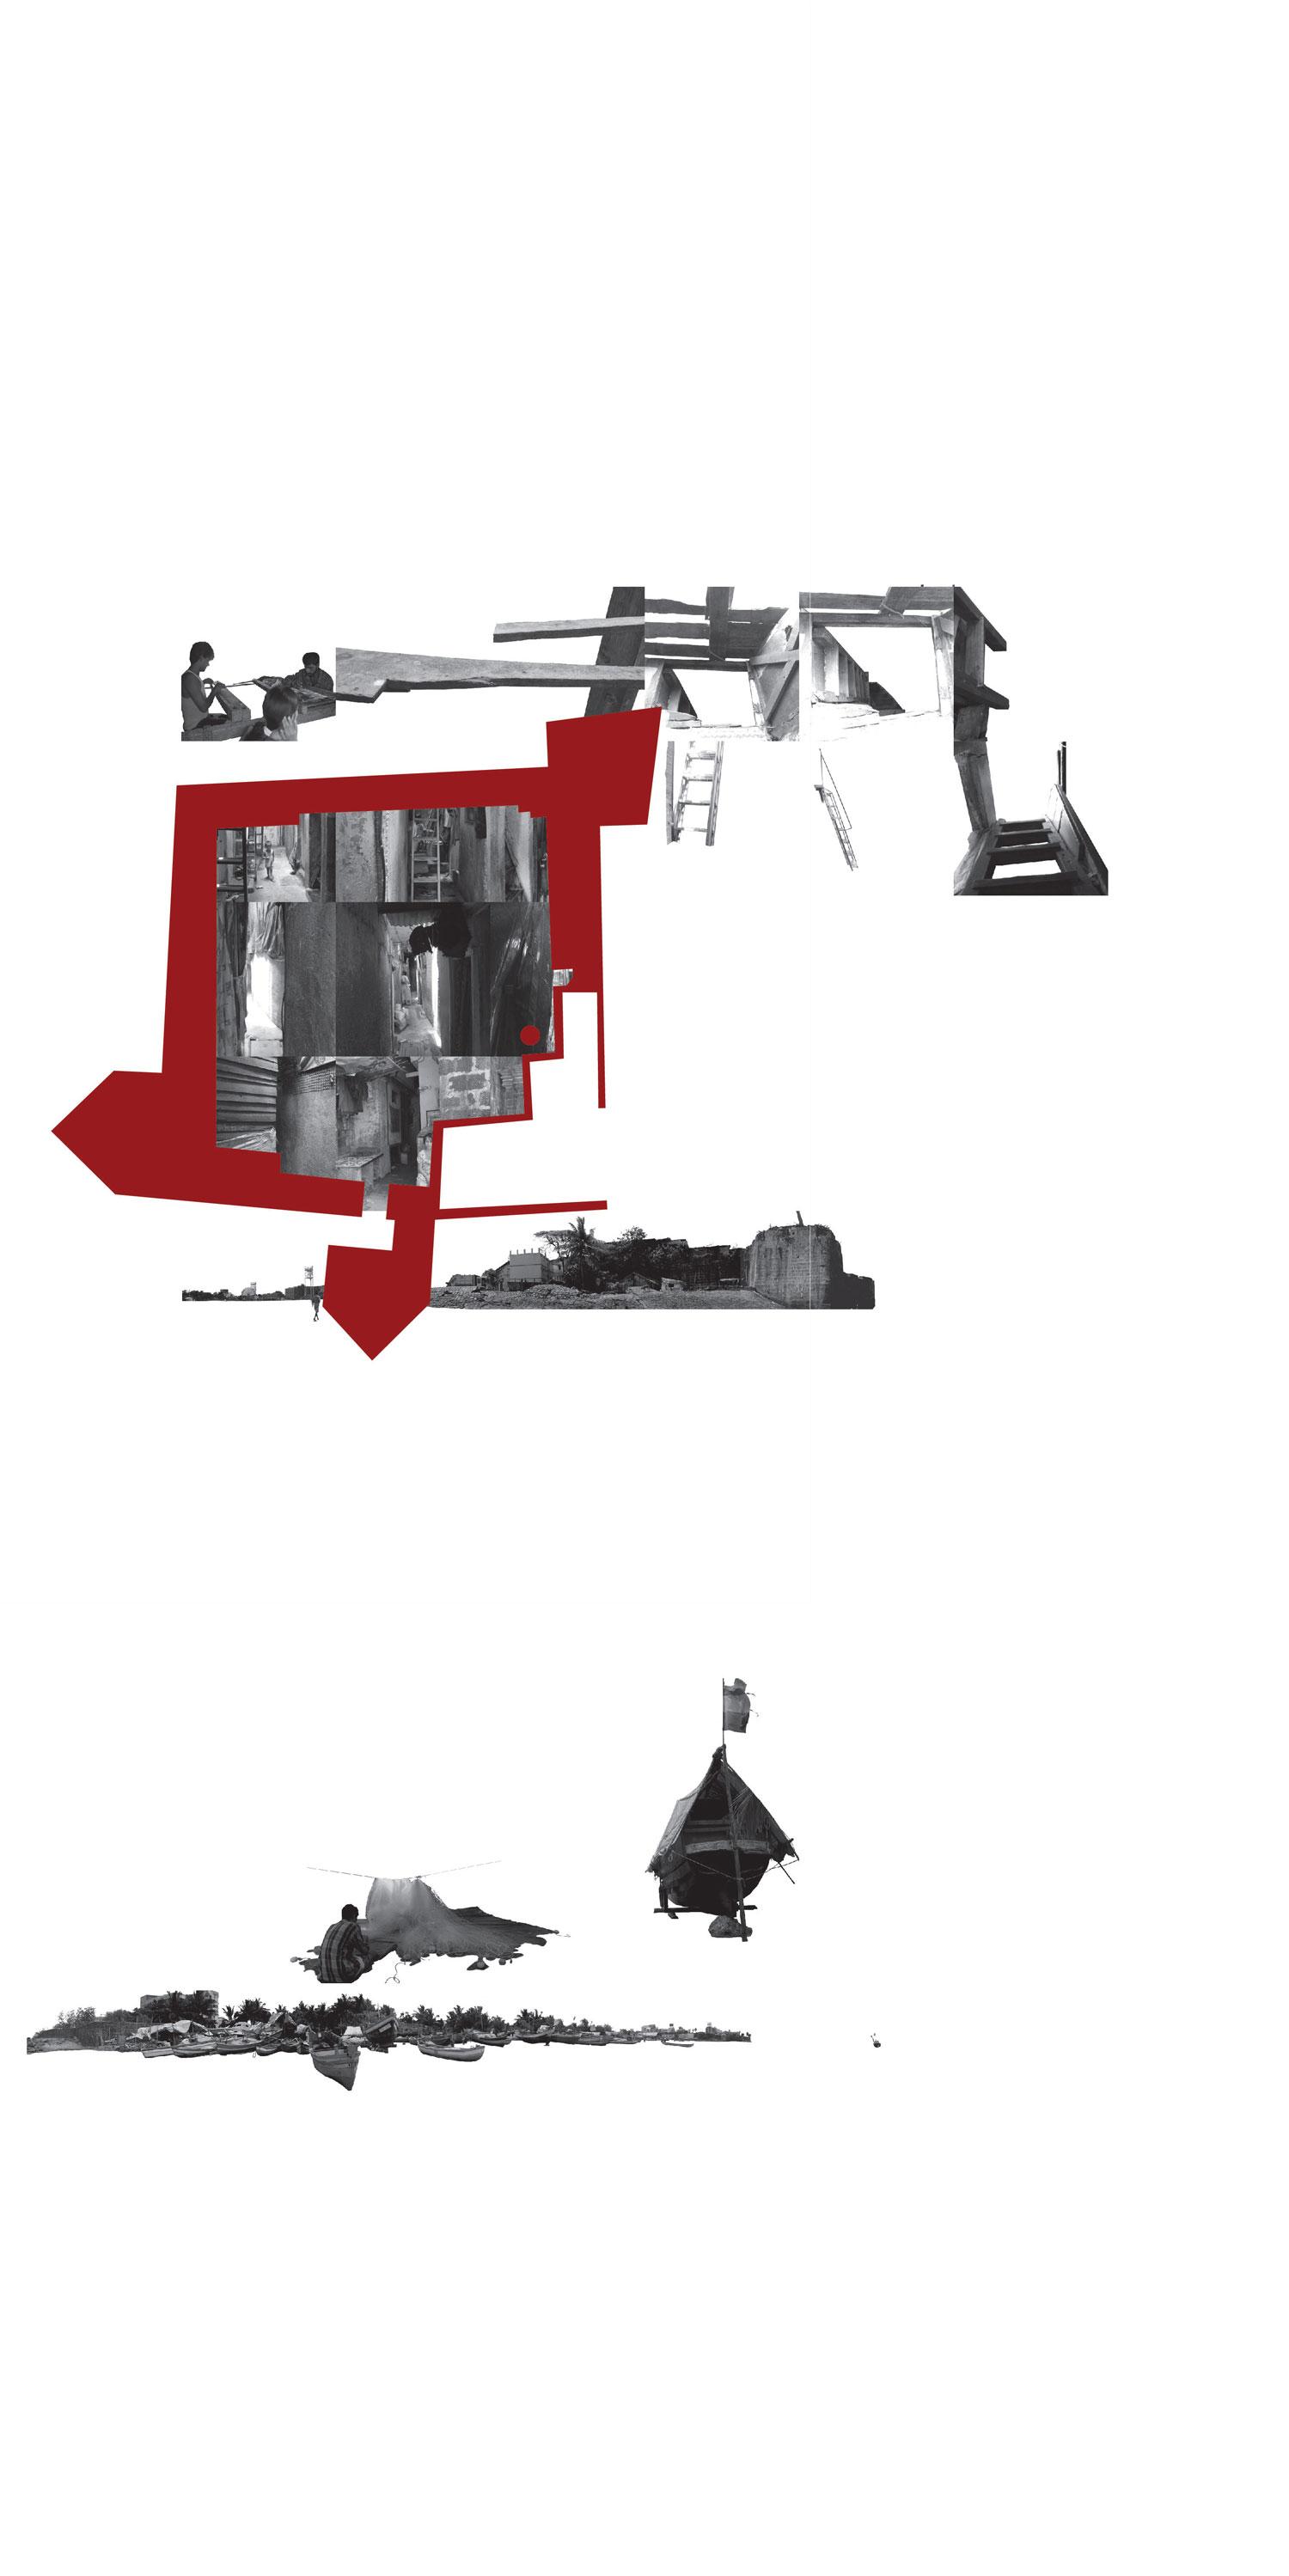 03_mahim-fort-diagram-actors.jpg